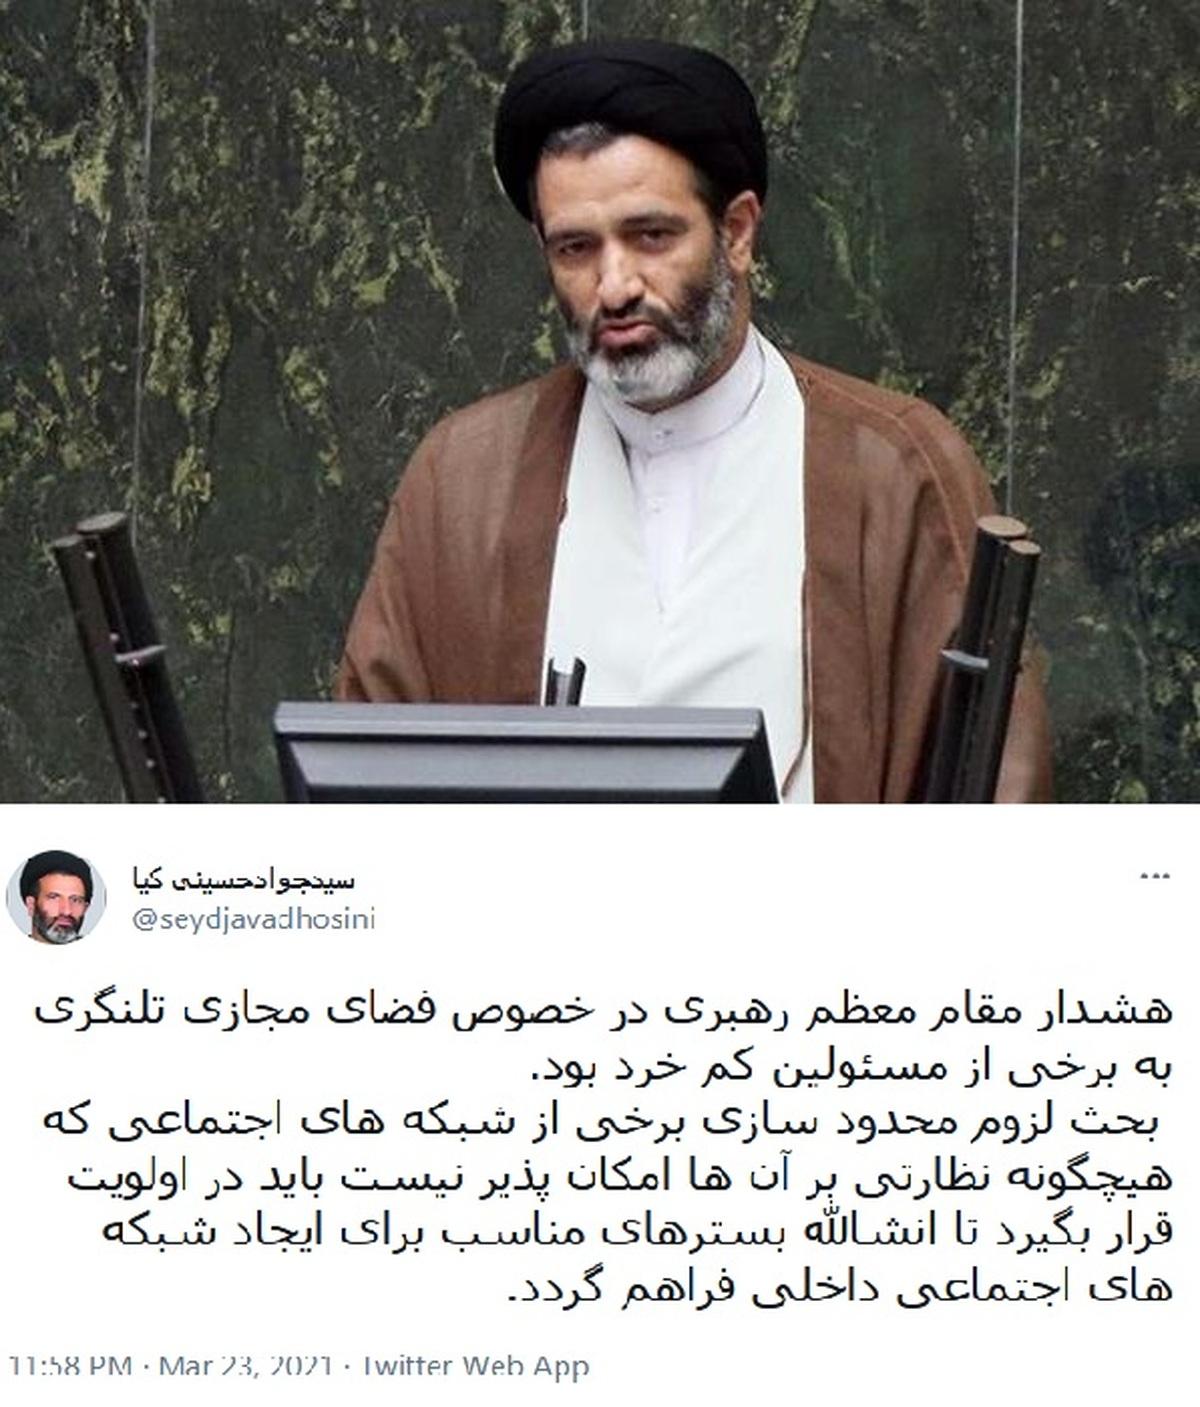 حسینی کیا، نماینده مجلس: محدودسازی شبکه های اجتماعی باید در اولویت قرار بگیرد